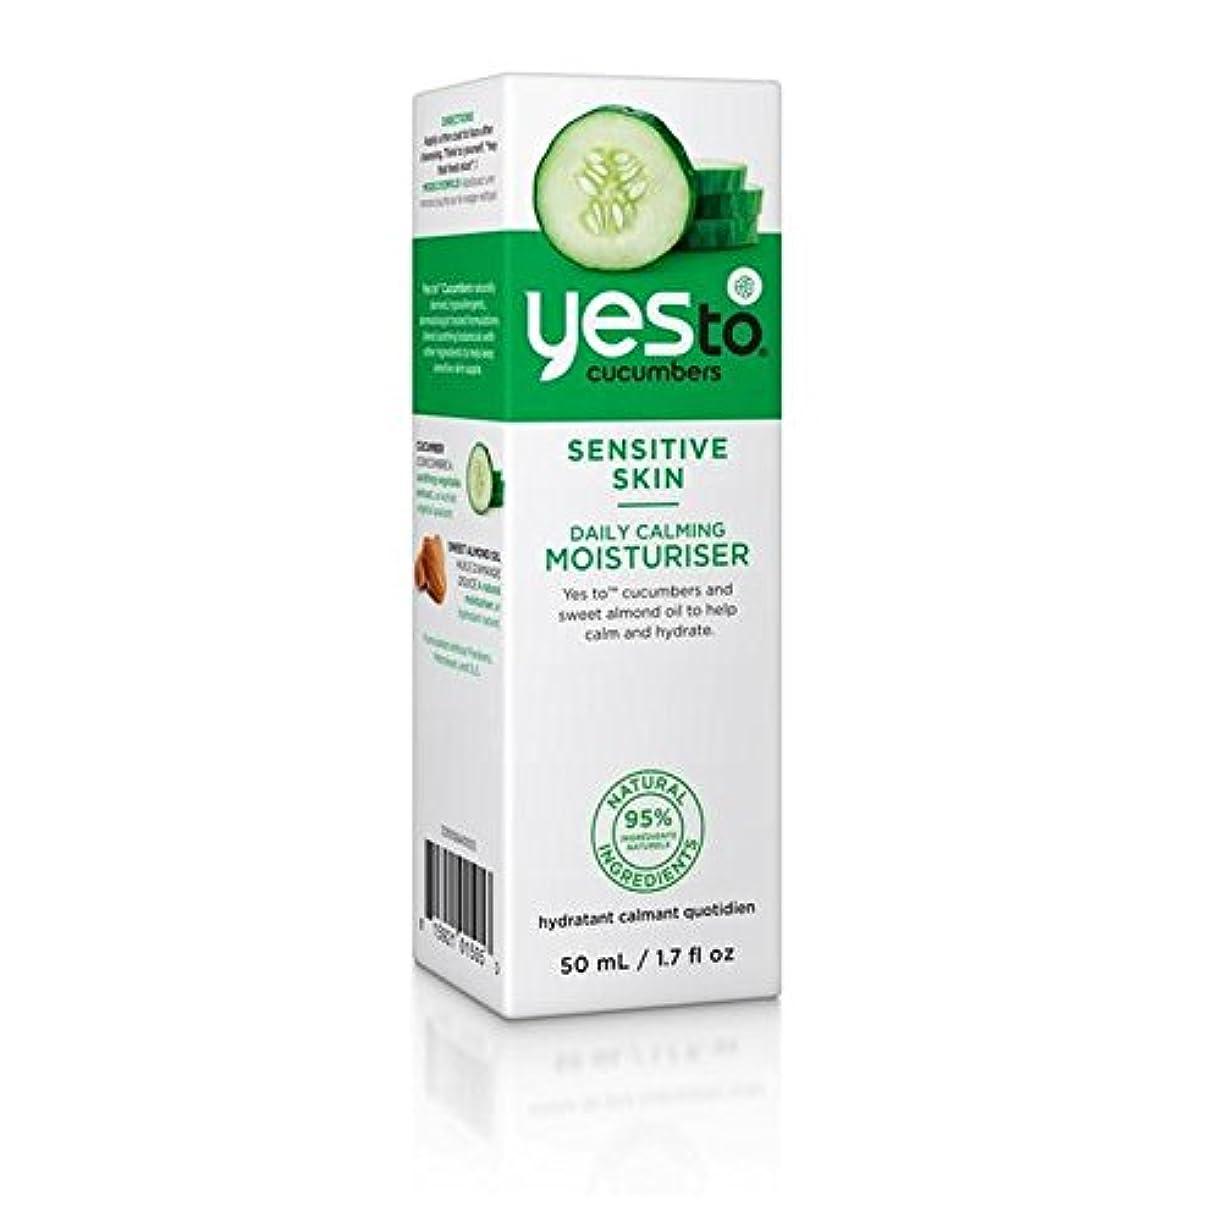 単語フラッシュのように素早く特別にはいキュウリ保湿50ミリリットルへ x2 - Yes to Cucumbers Moisturiser 50ml (Pack of 2) [並行輸入品]